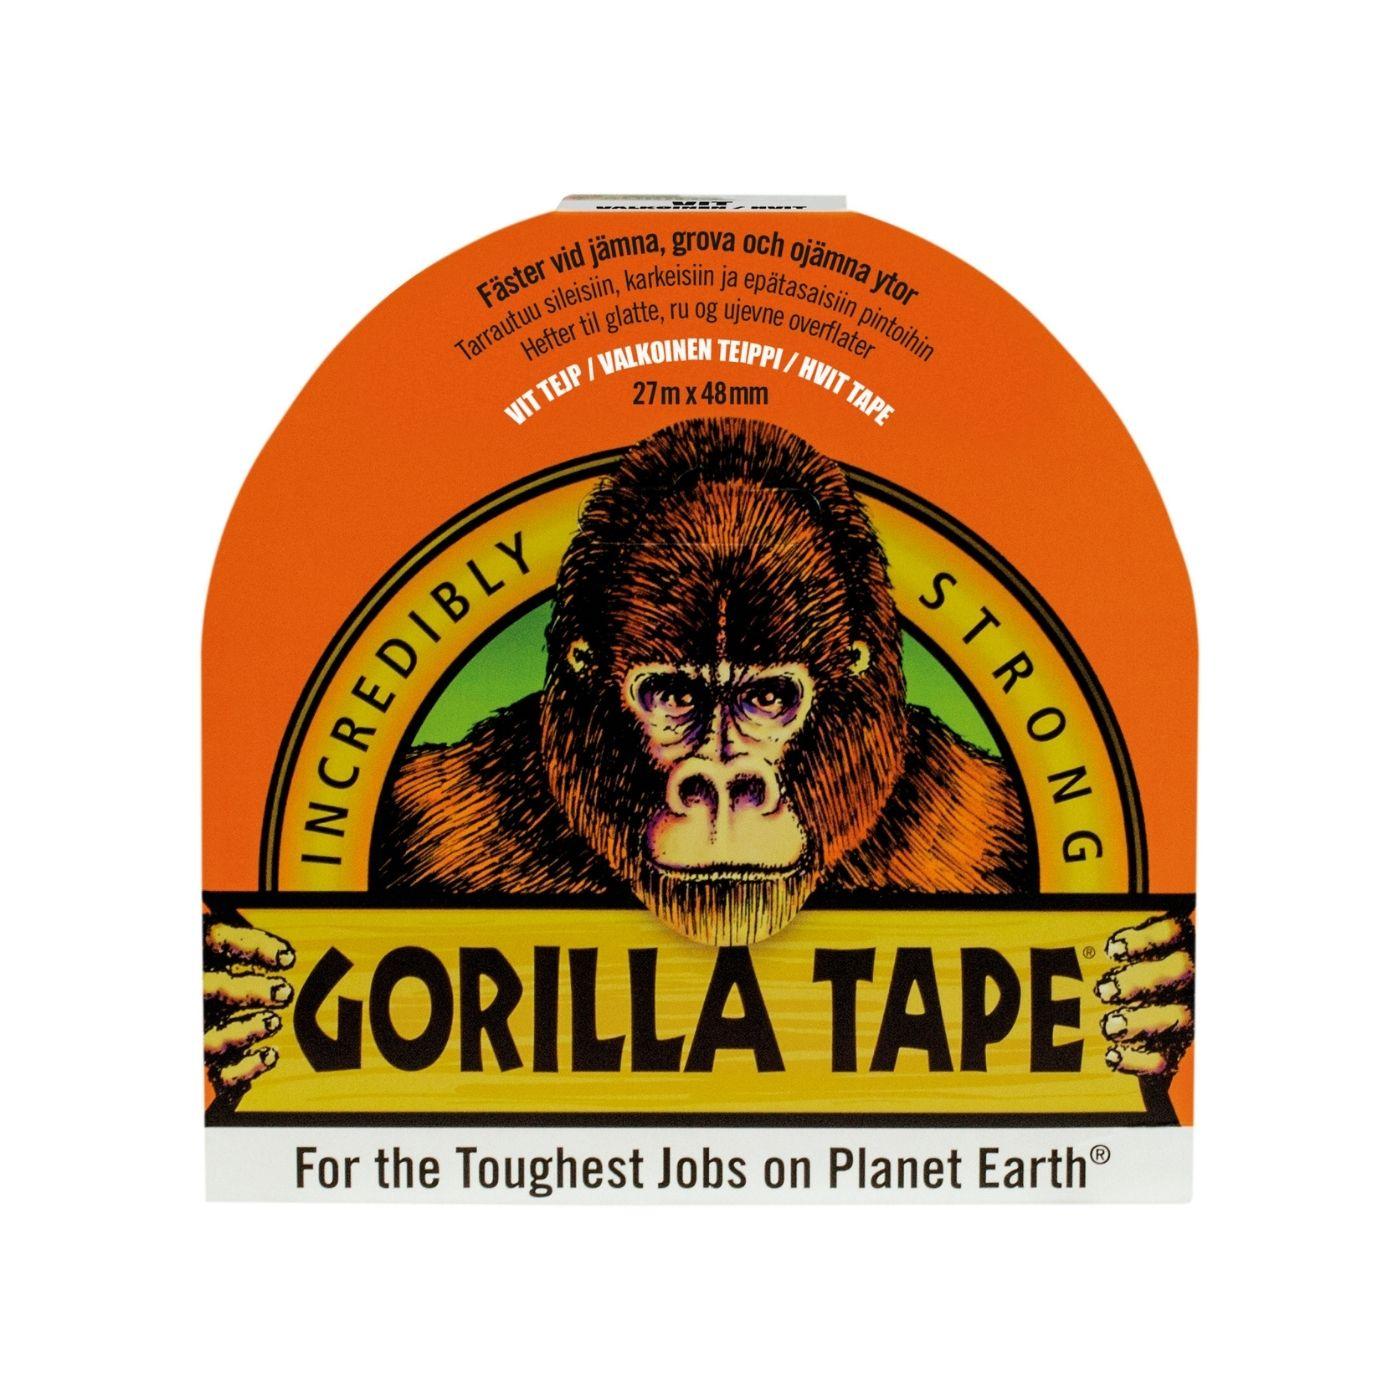 Vävtejp Gorilla Tape, Vit, 27 m x 48 mm